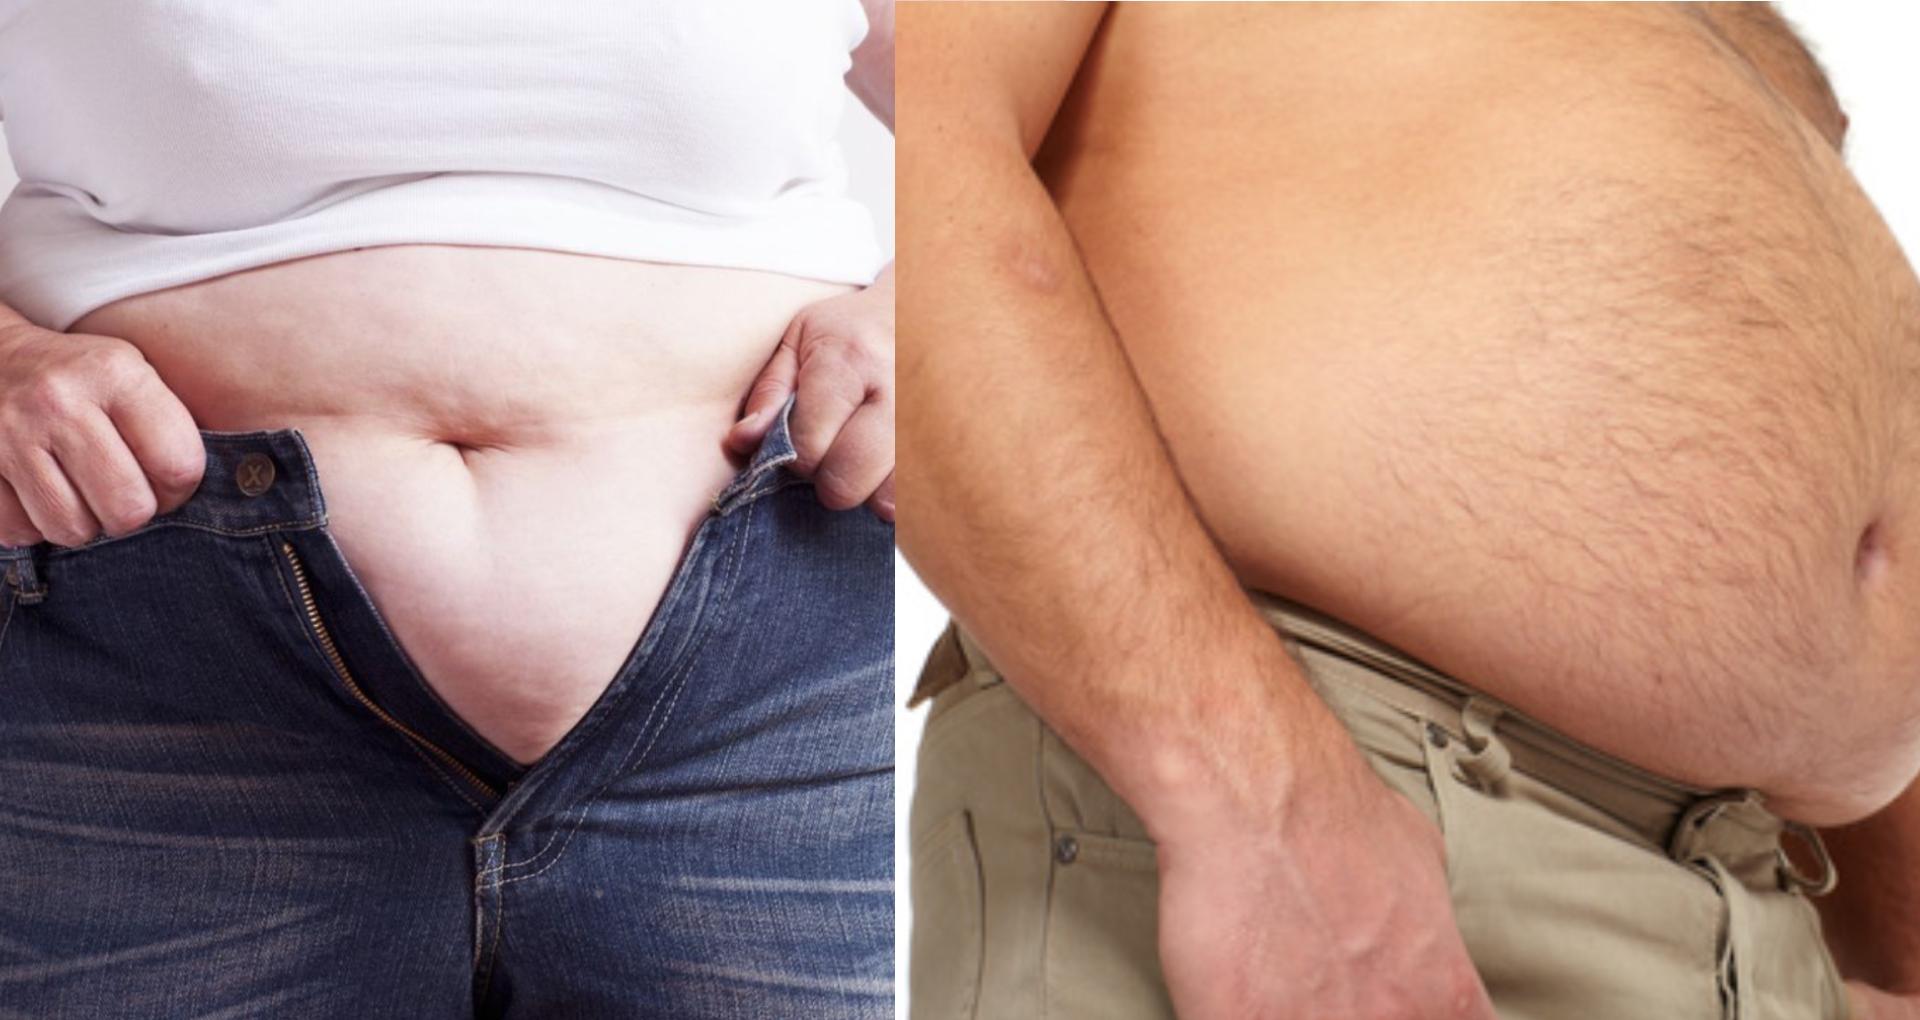 धनिया, खीरा और अदरक की मदद से कुछ ही हफ्तों में मोटापे से पाएं छुटकारा, जानिए कैसे करें इस्तेमाल